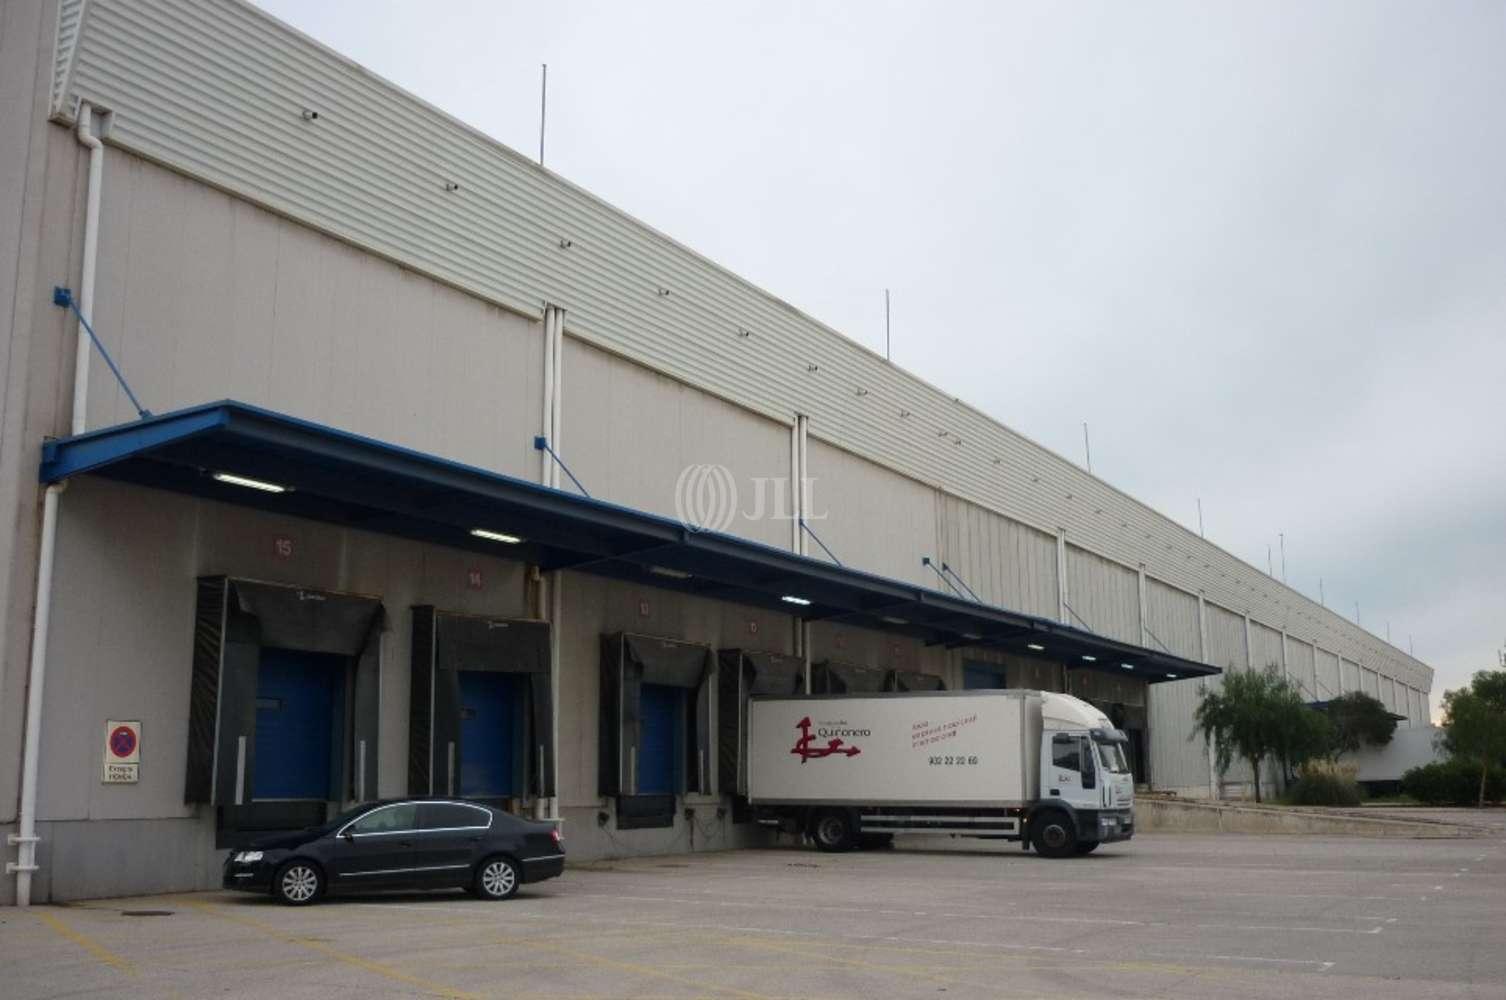 Naves industriales y logísticas Barcelona, 08040 - Nave Logistica - B0047 - ZAL I PUERTO DE BARCELONA - 3327